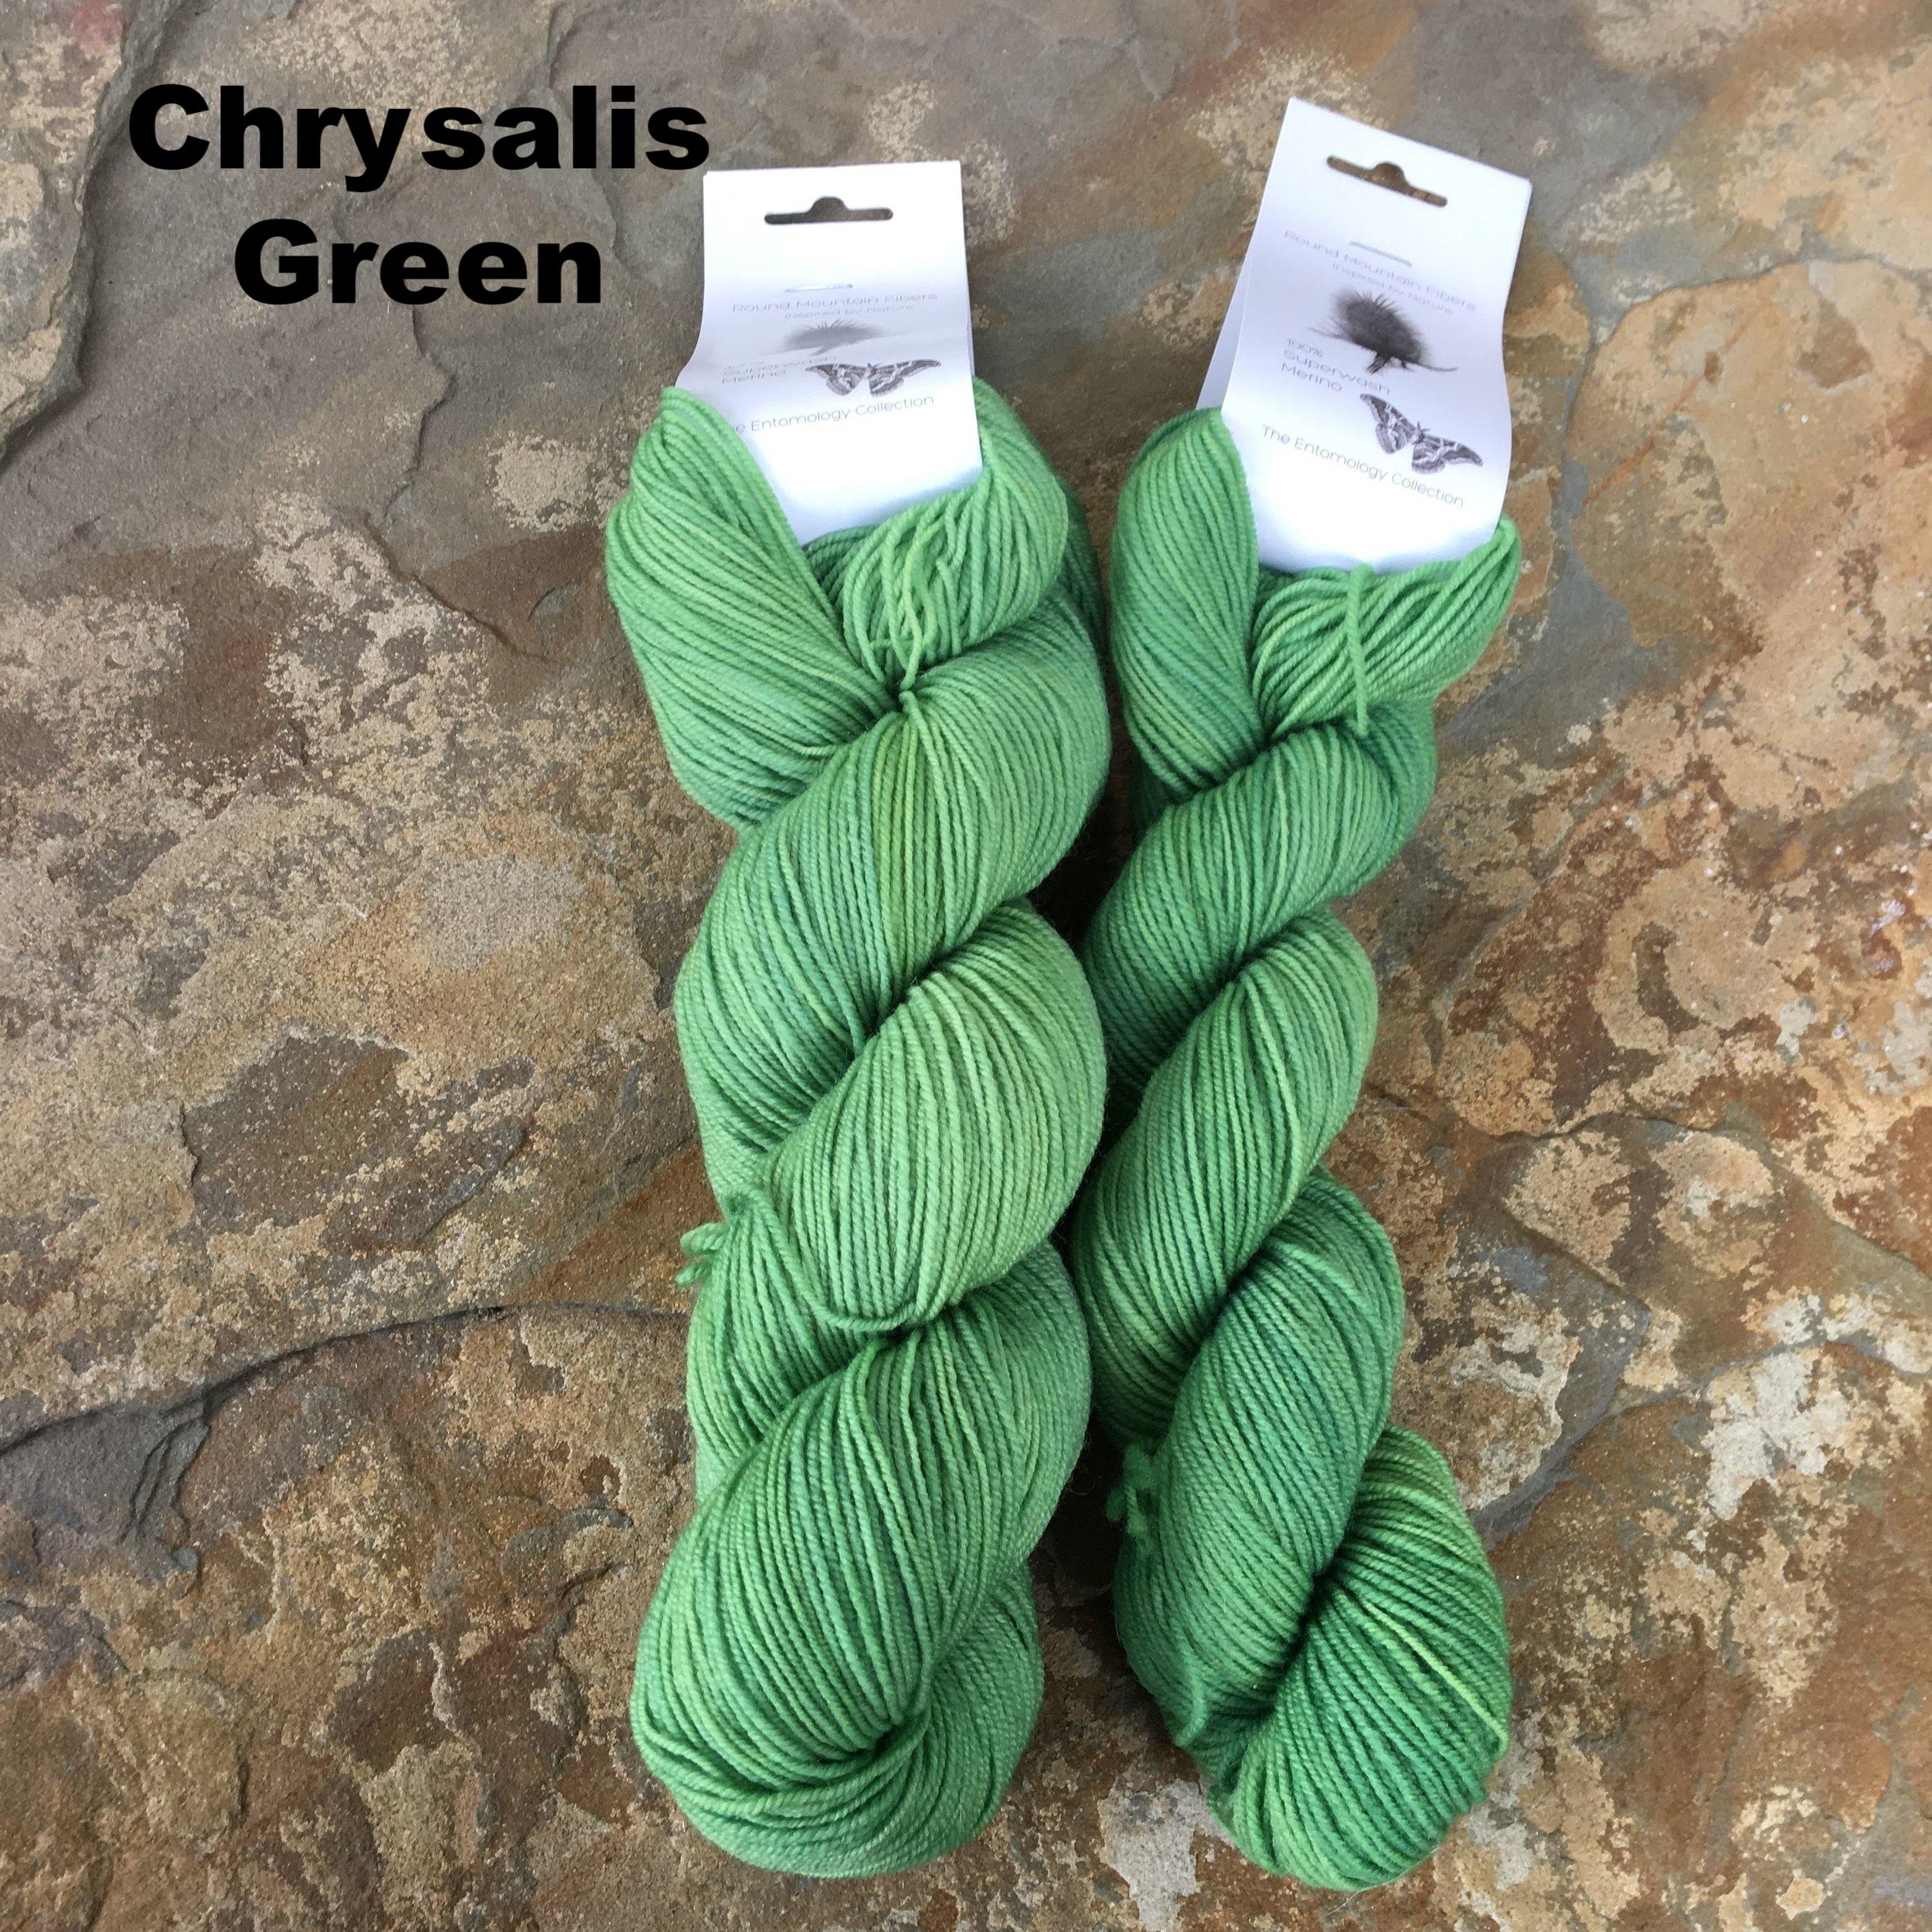 chrysalis green fingering.JPG